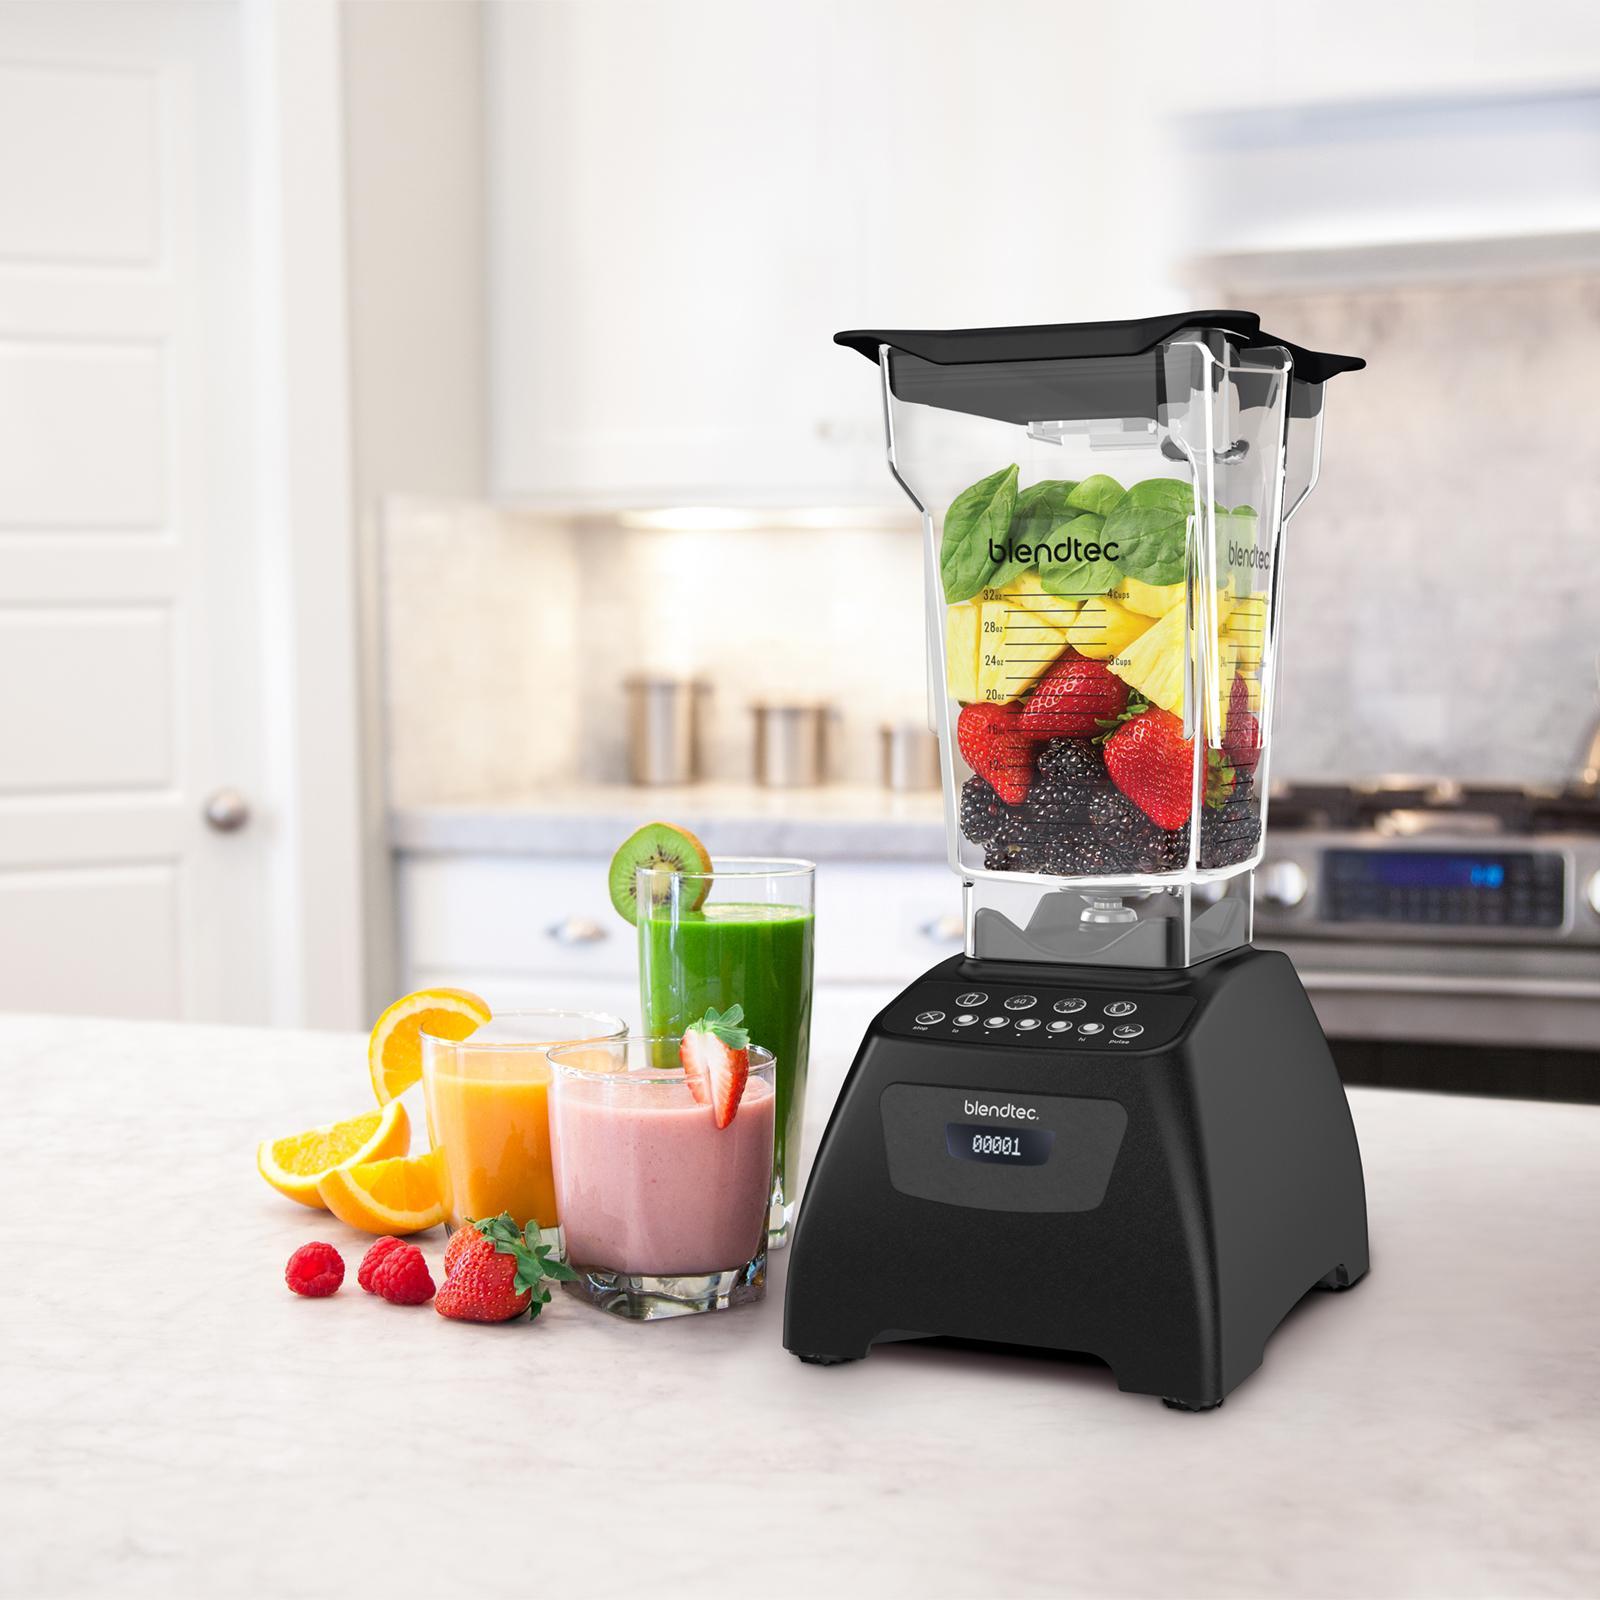 Hndler schller kchen elegant colorful kitchen appliances for Next kuchen handler